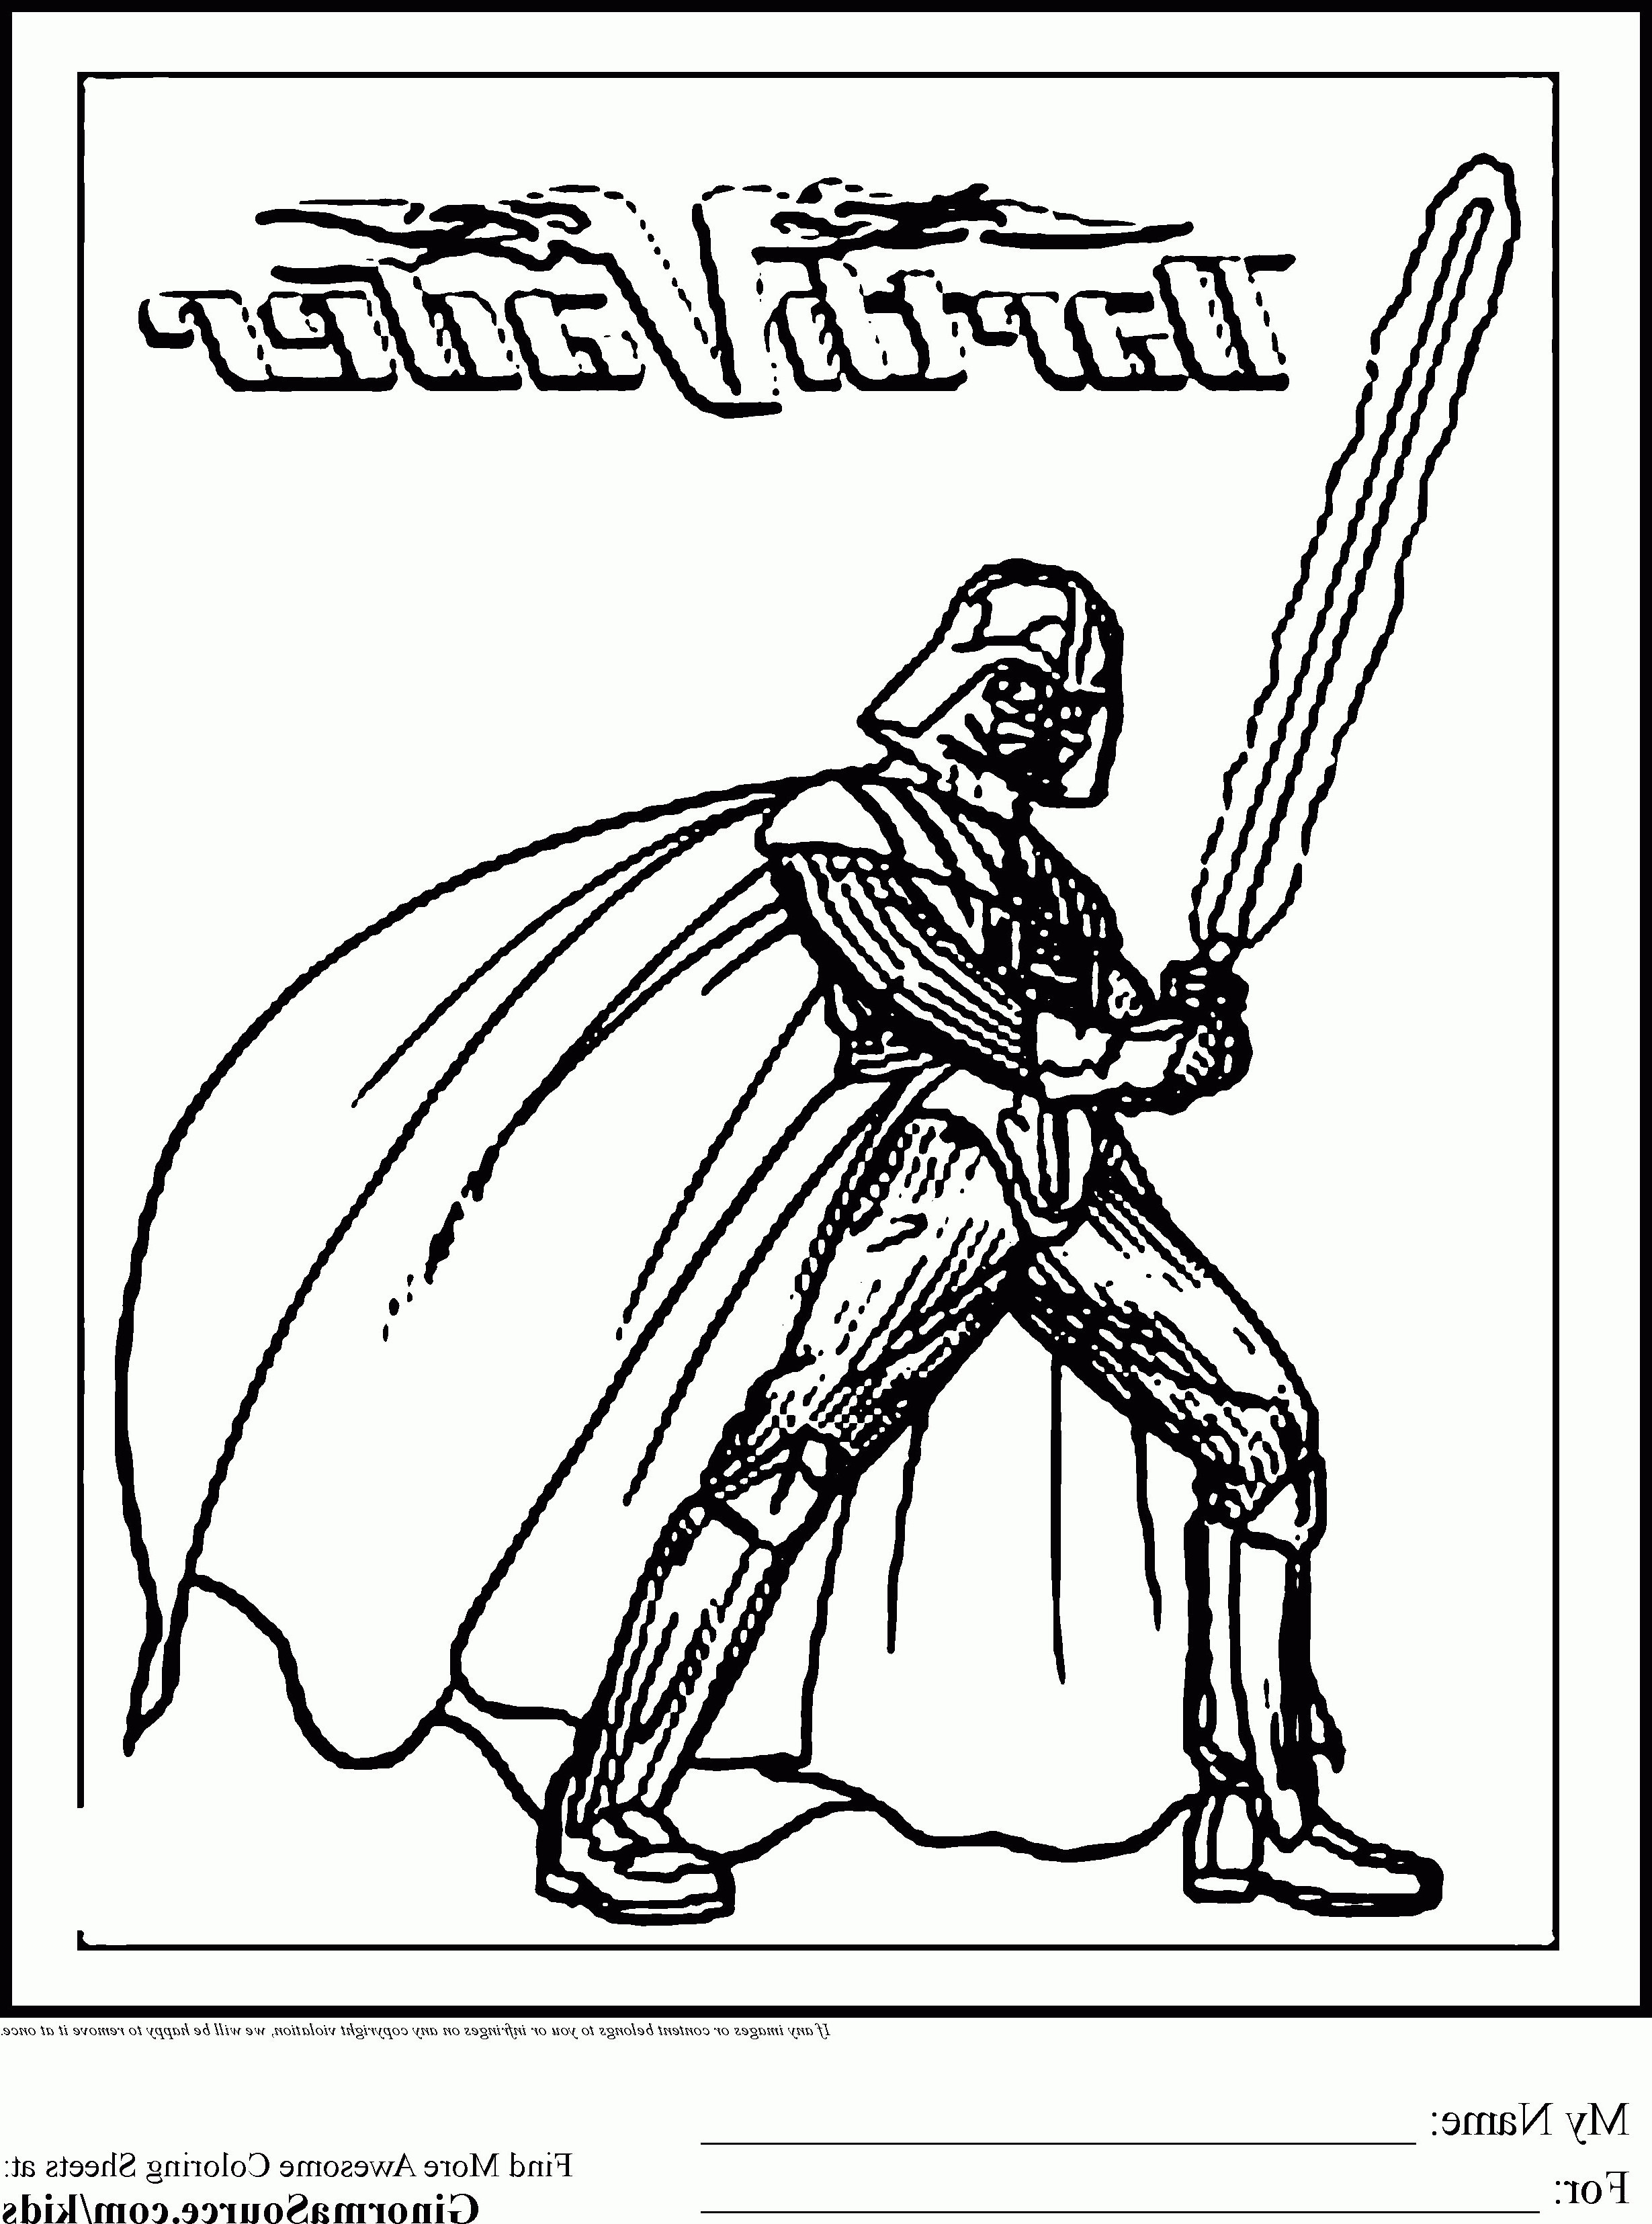 Darth Vader Ausmalbilder Das Beste Von 45 Fantastisch Ausmalbilder Traktor Fendt – Große Coloring Page Sammlung Sammlung